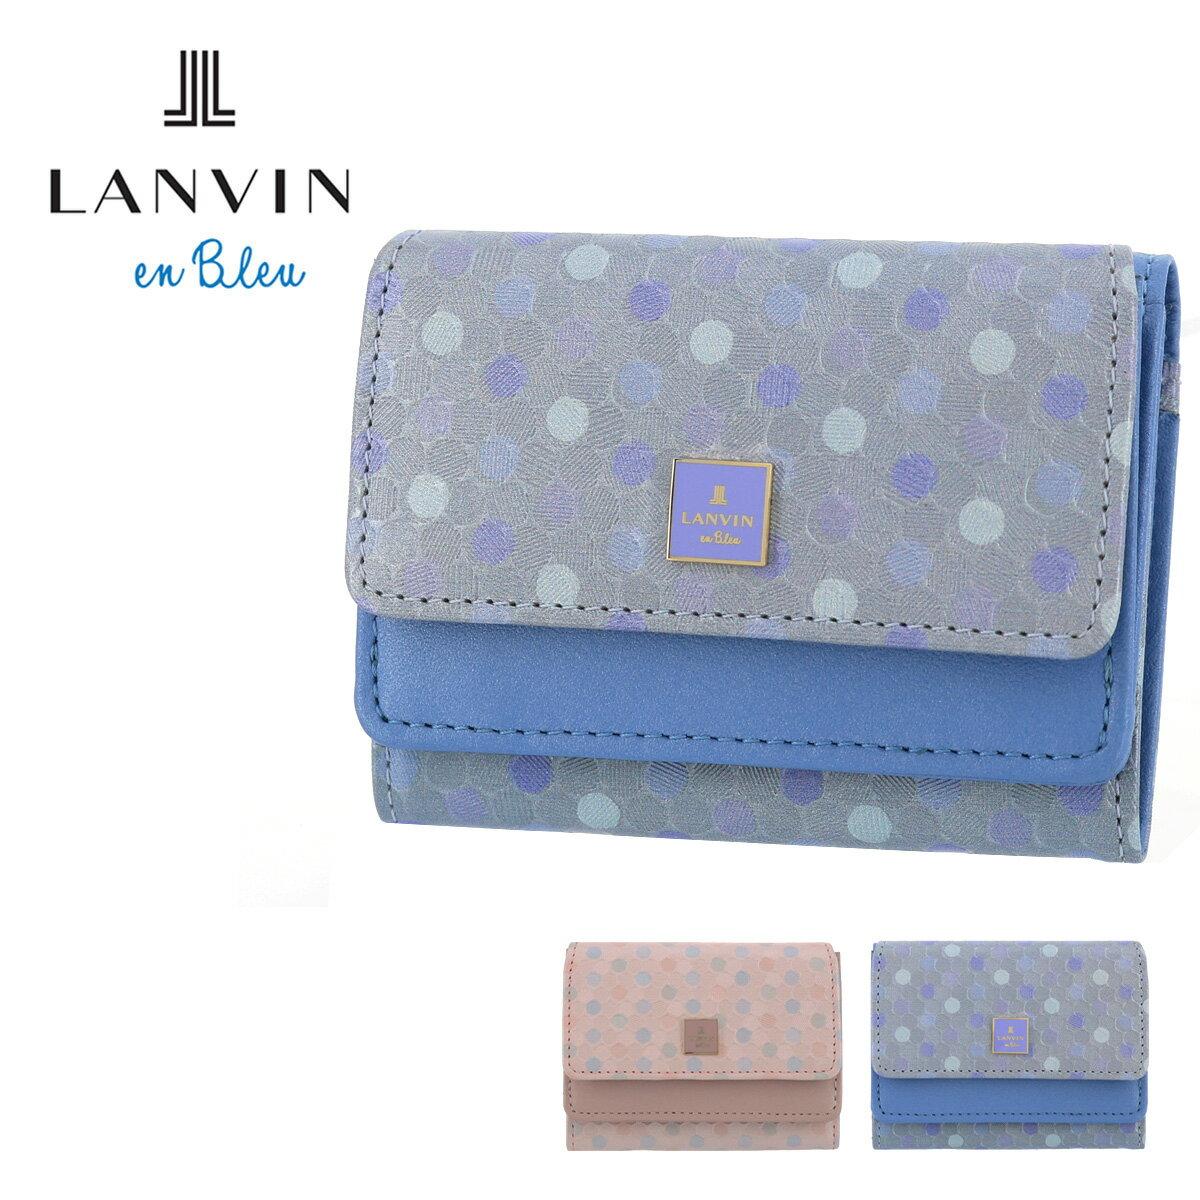 財布・ケース, レディース財布  482223 LANVIN en Bleu BOX befPO10